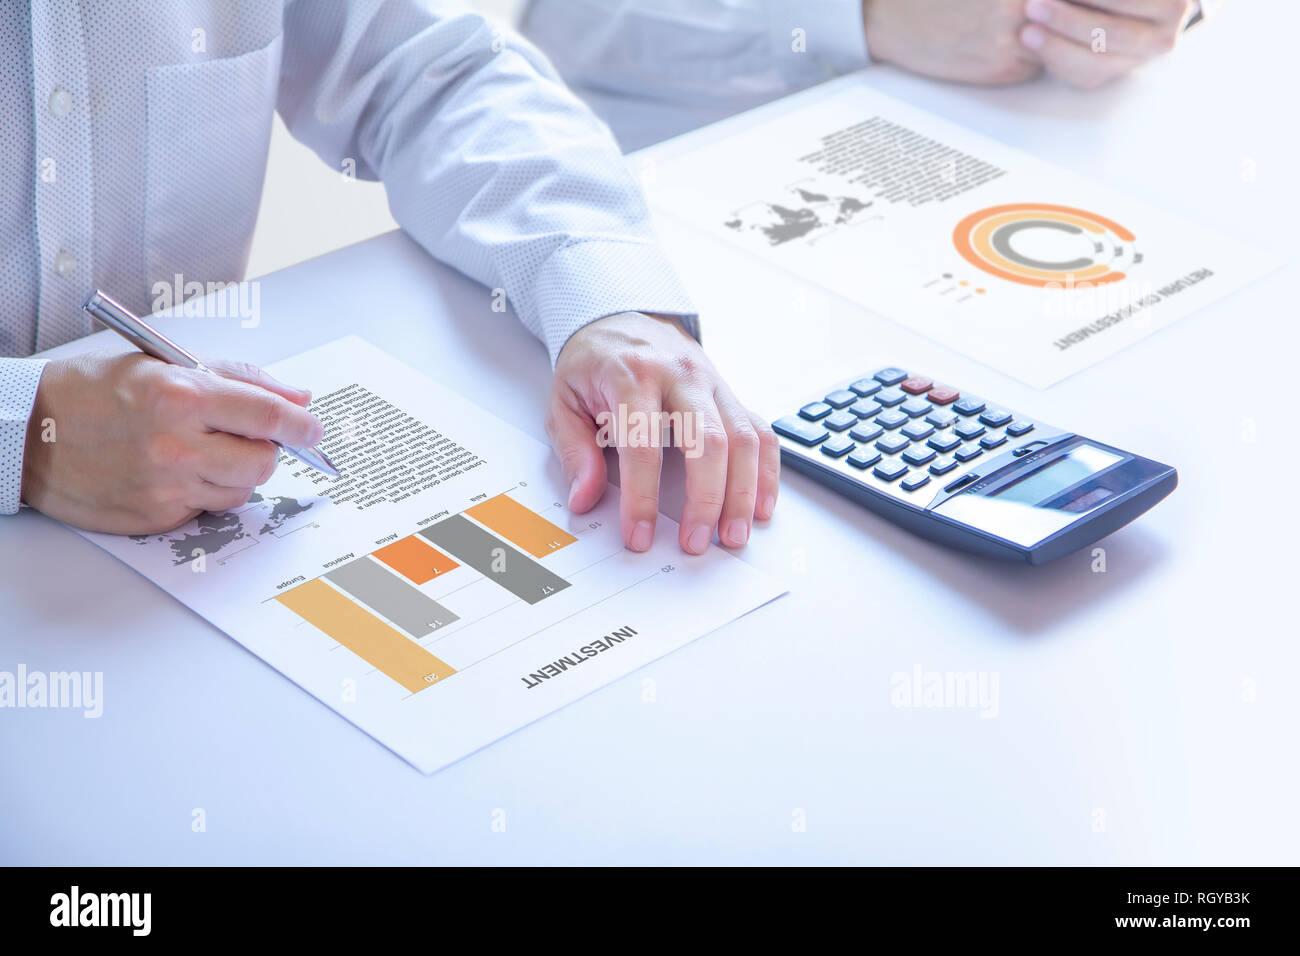 Unternehmer oder Analyst in einem Konferenzraum teilweise an Händen hält einen Stift auf ein Bericht abgeschnitten, die Analyse von Risiko und Rendite o Stockbild